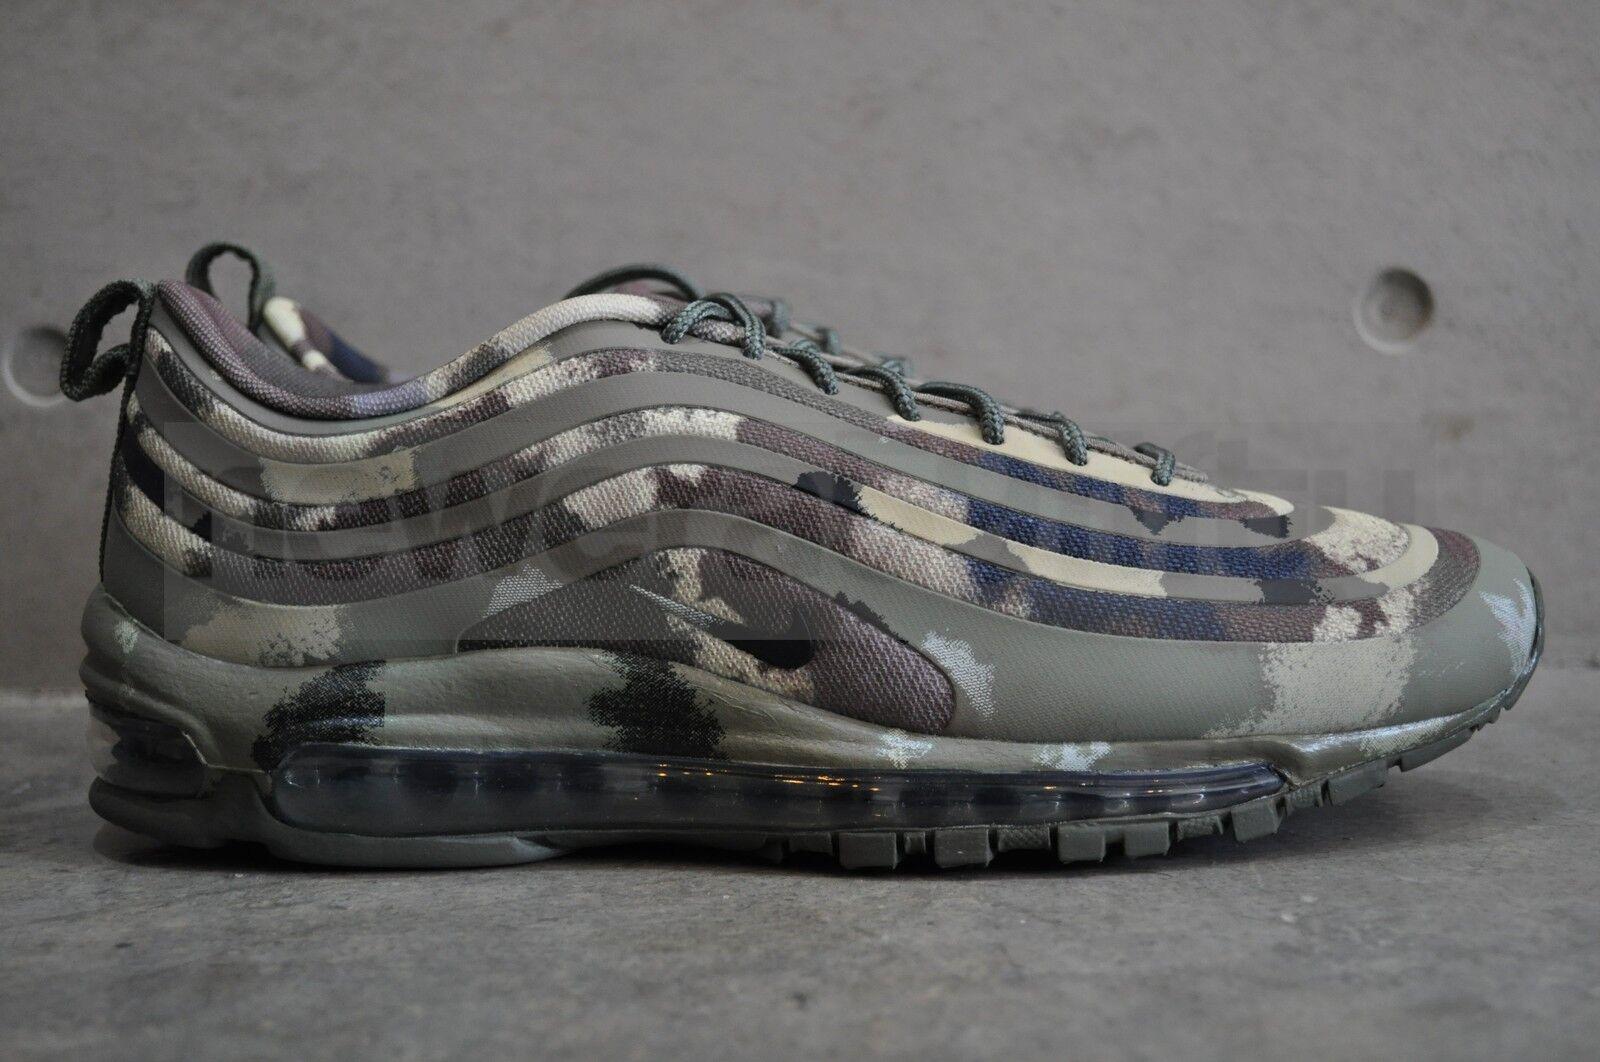 Nike Air Max '97 SP